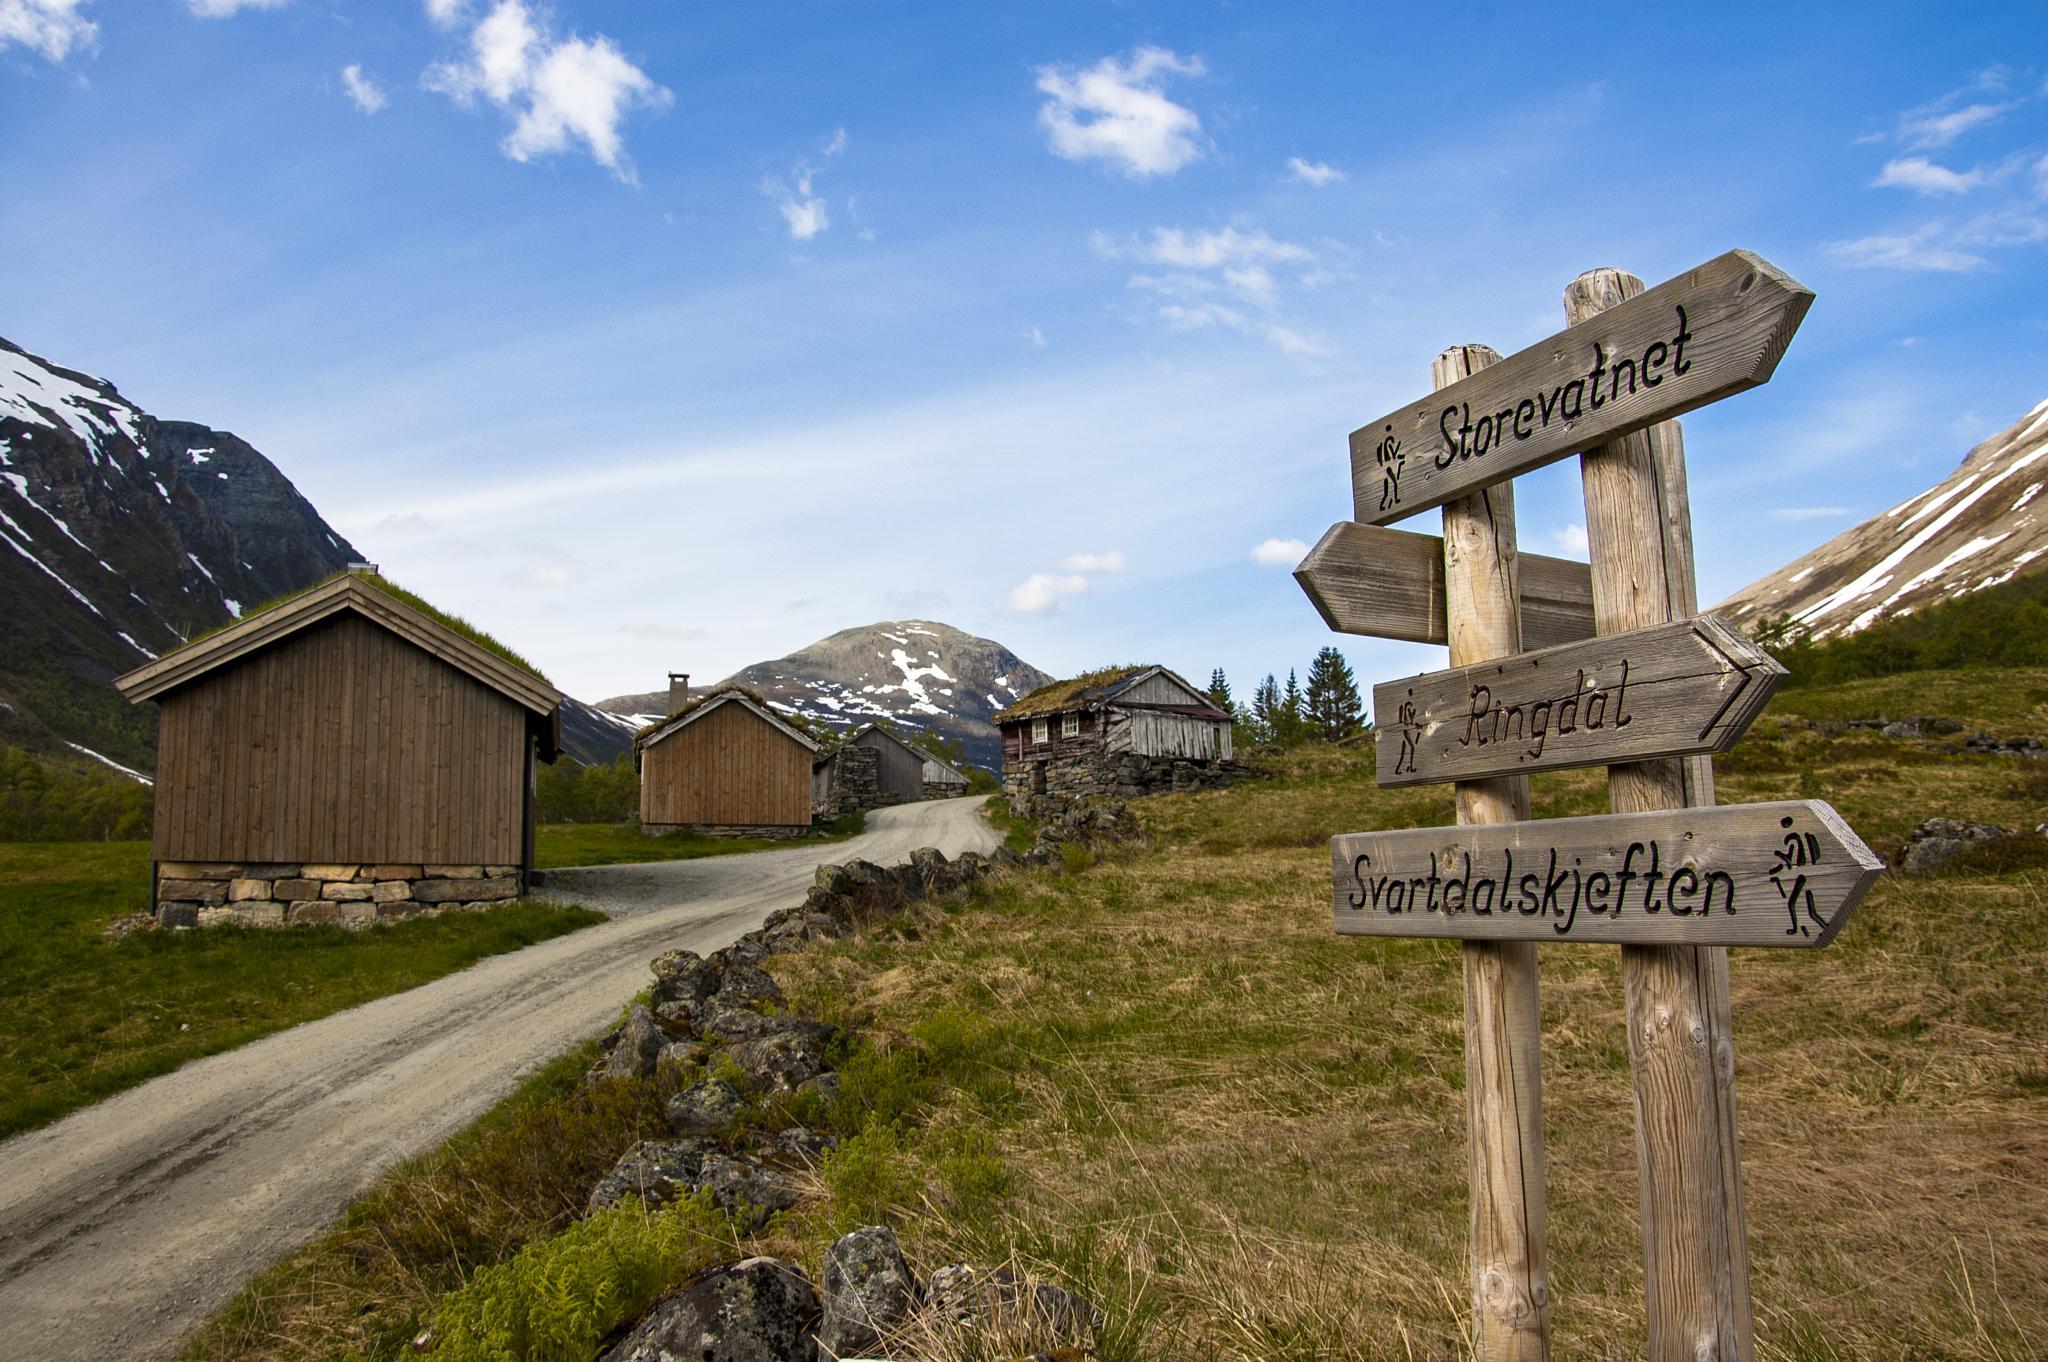 Moldskreddalen, Stranda kommune by maag404